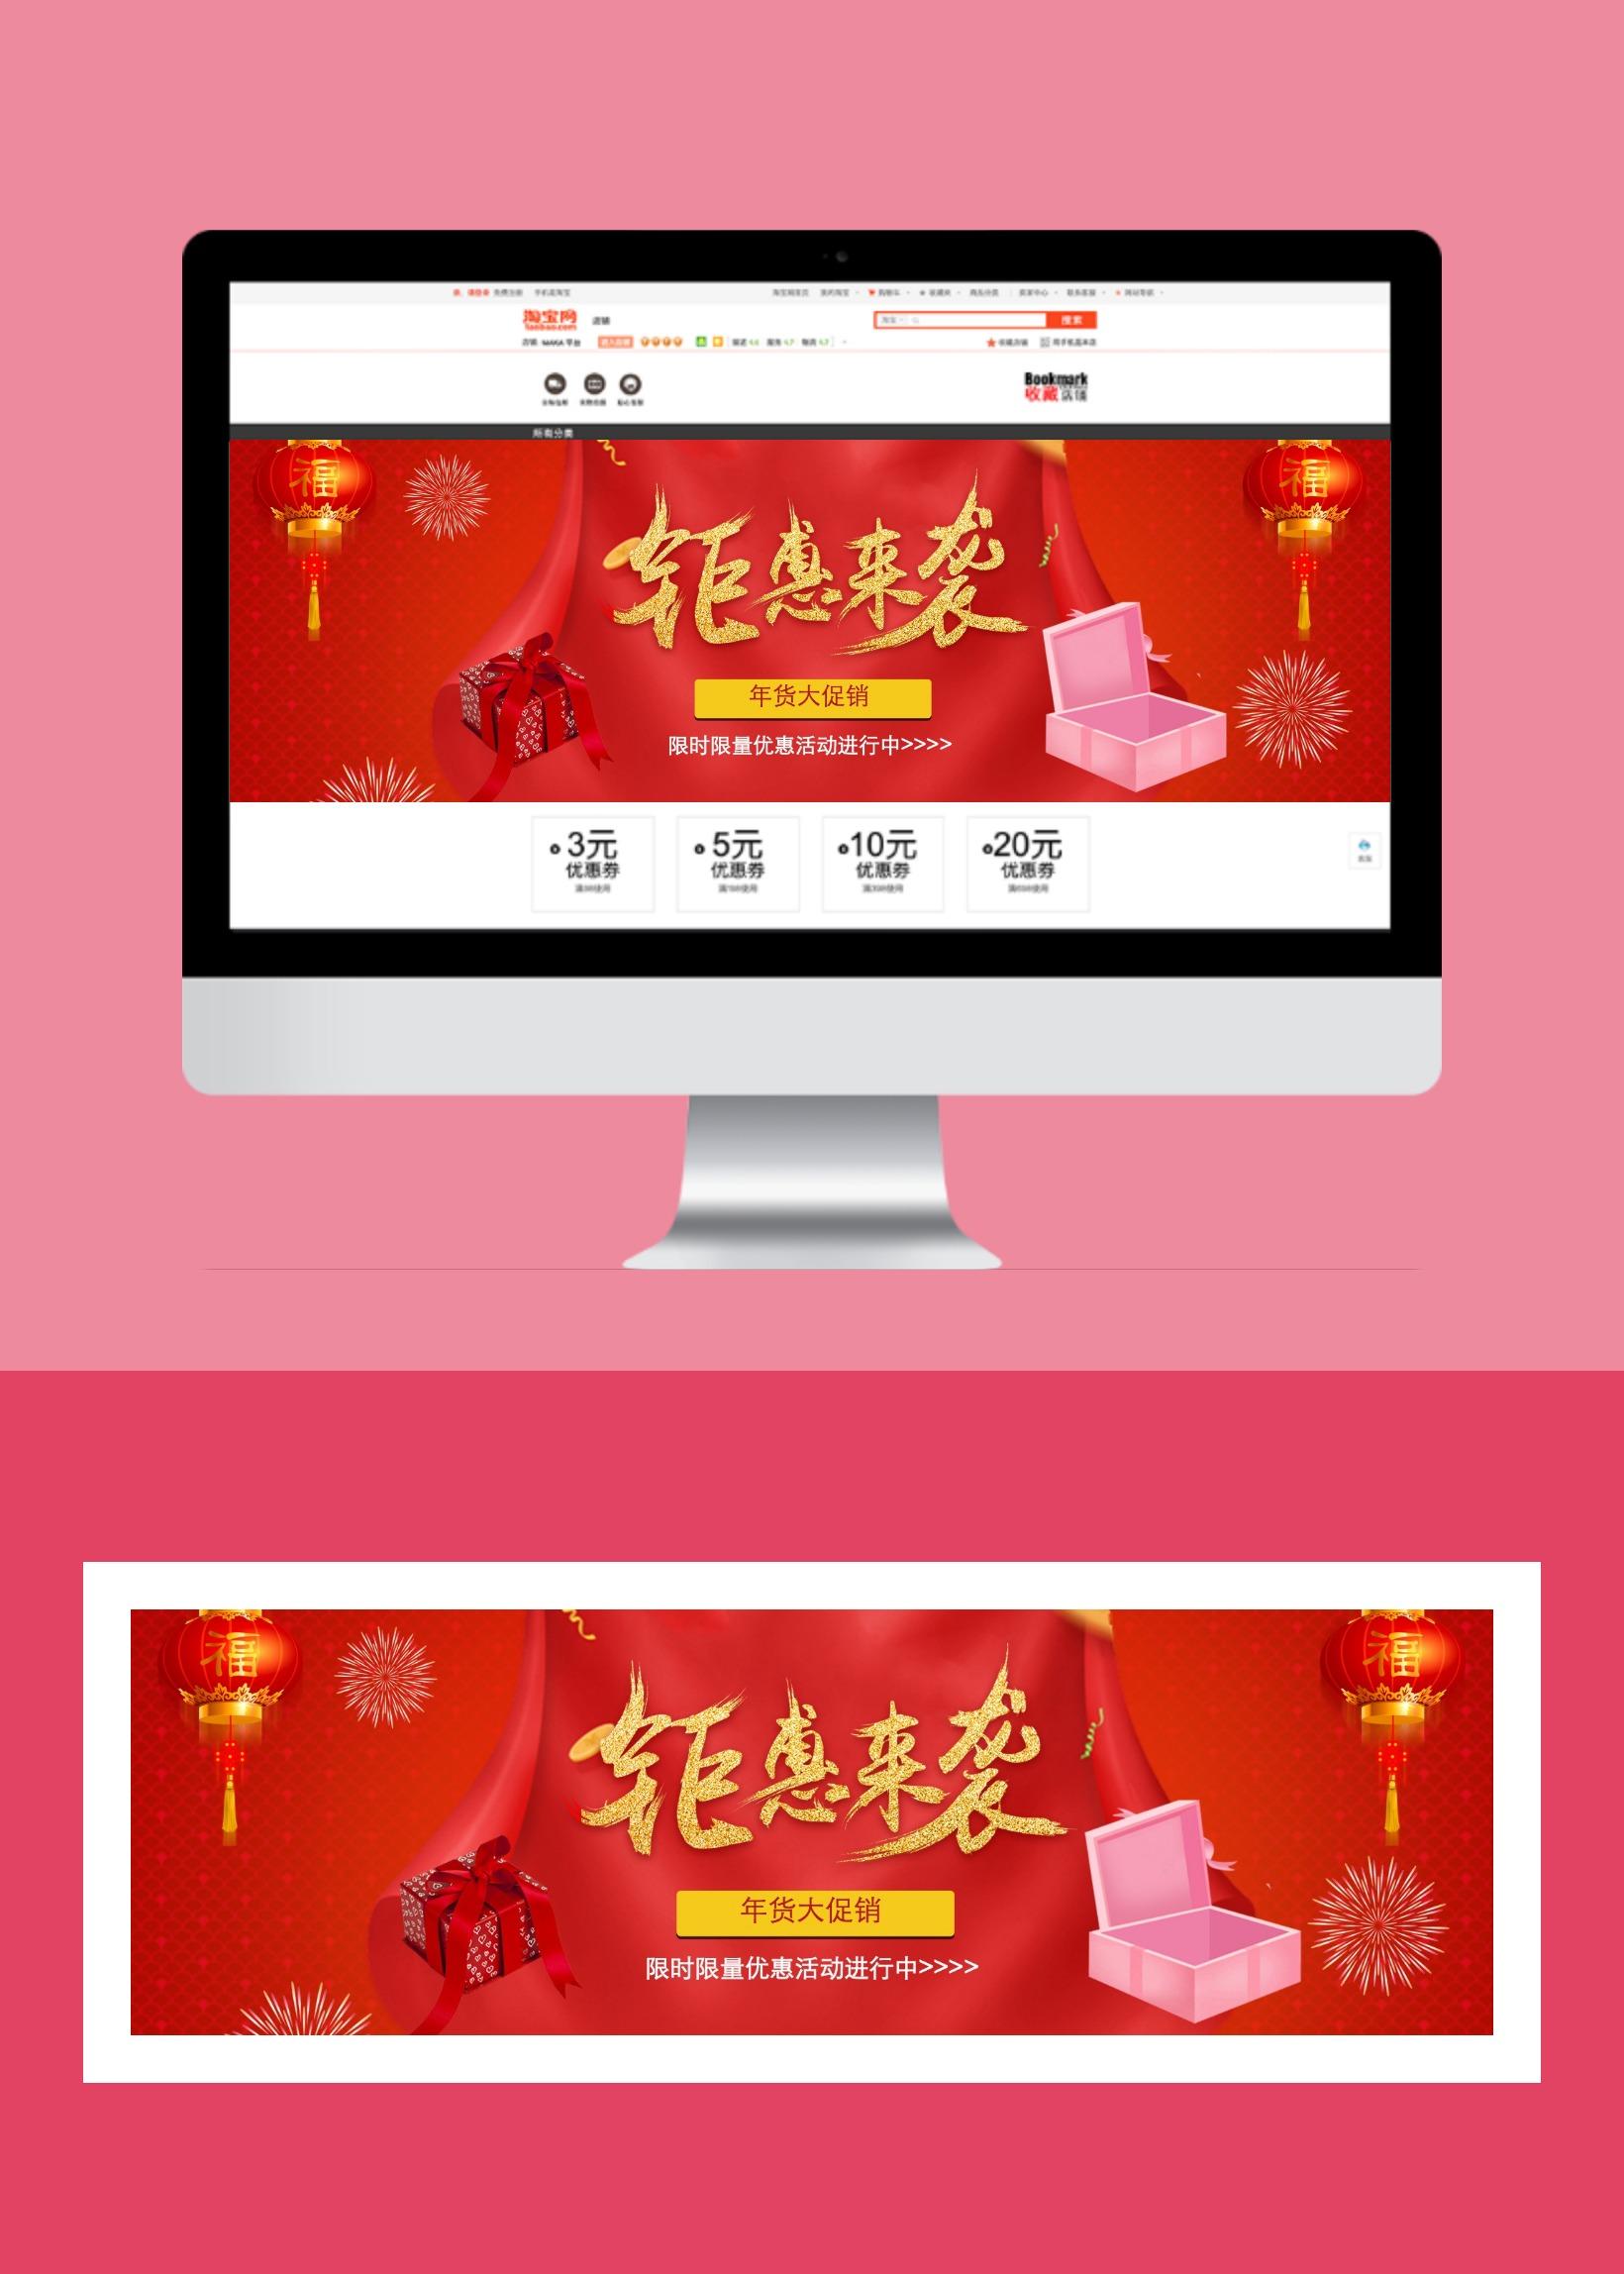 红色喜庆年货节电商banner